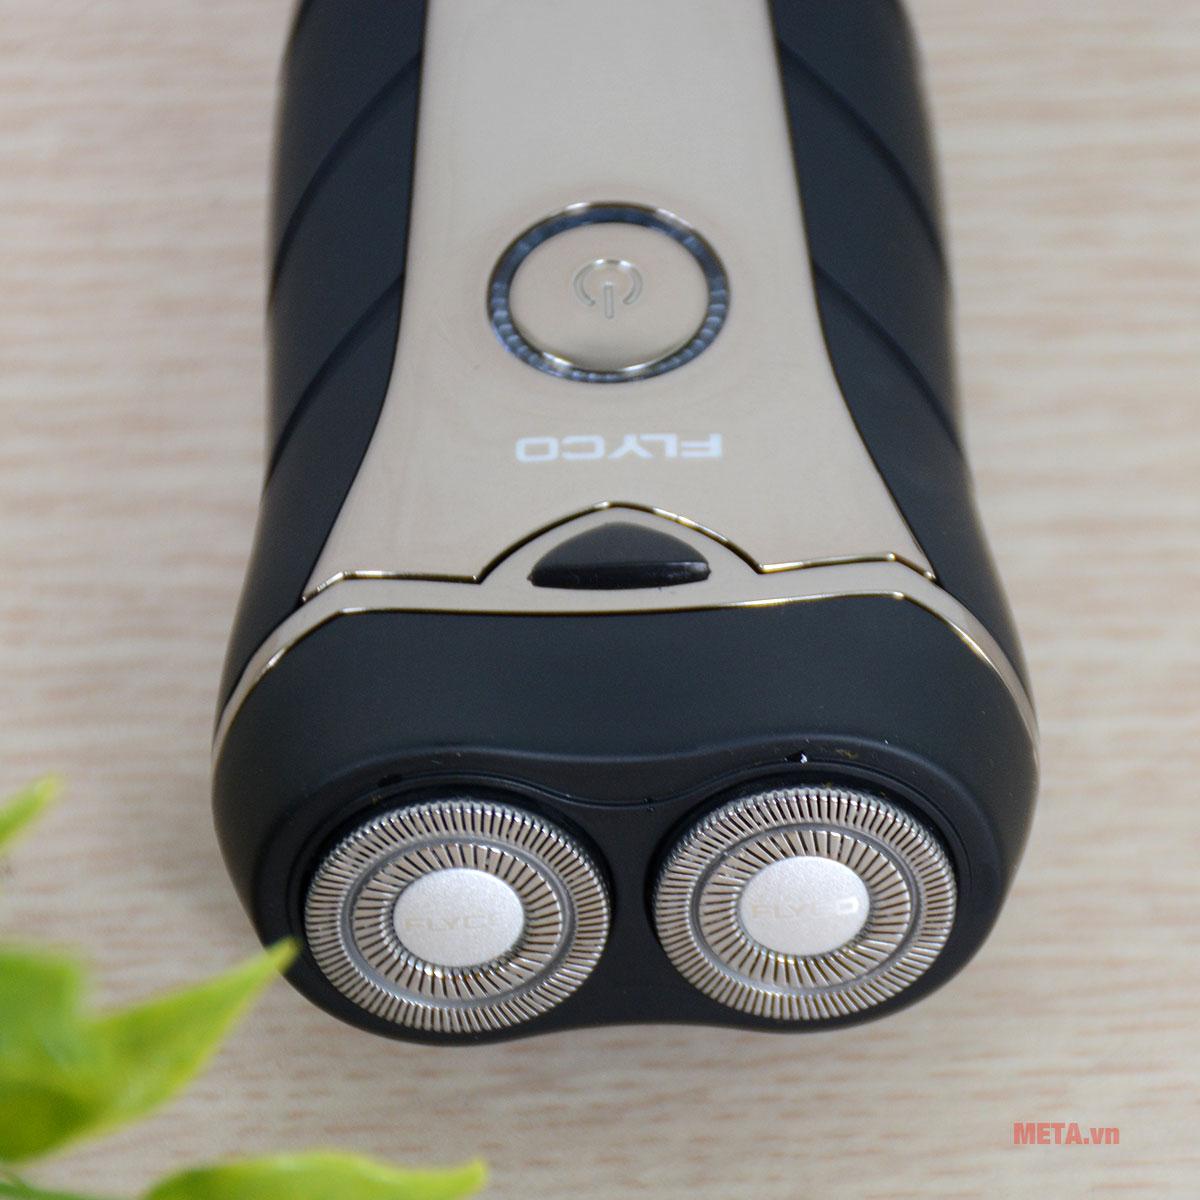 Máy cạo râu Flyco FS-875VN có khả năng chống nước